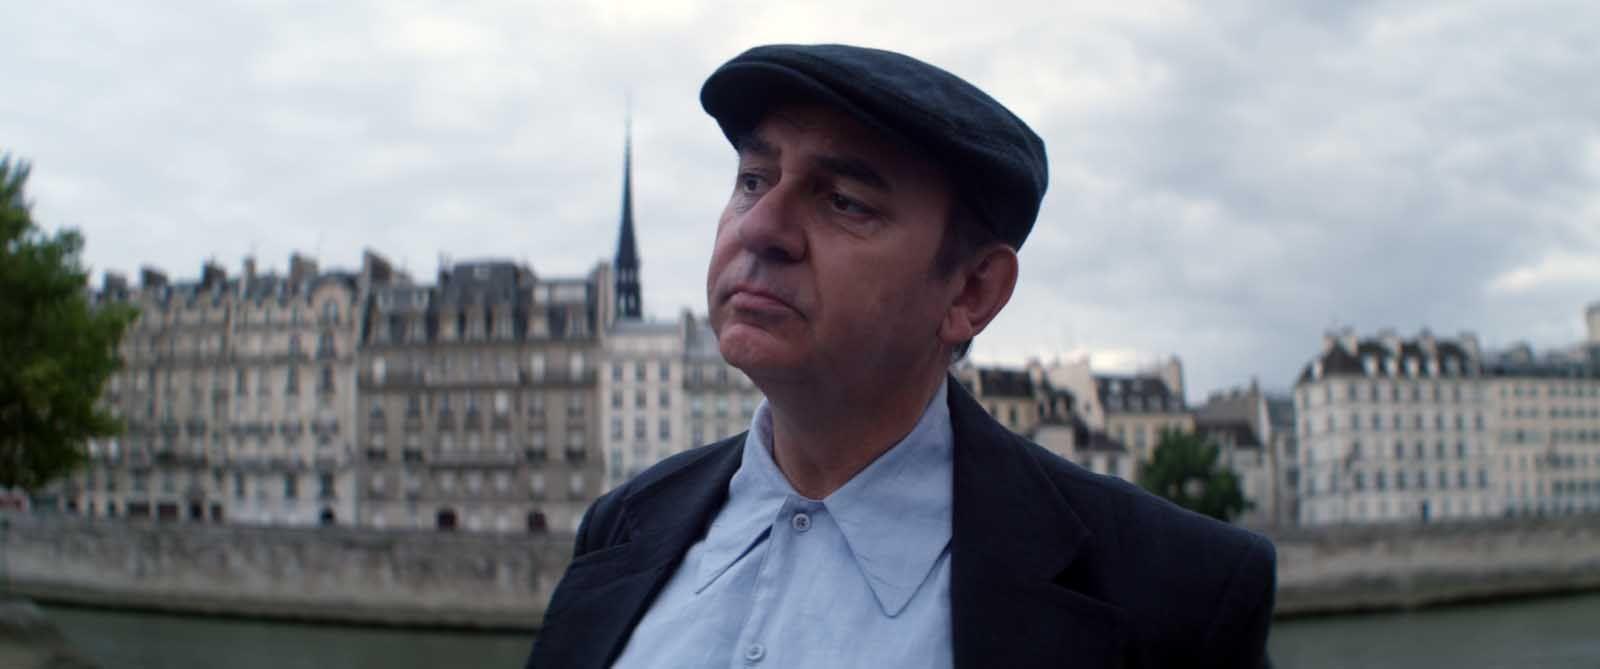 Neruda - filmfilicos blog de cine